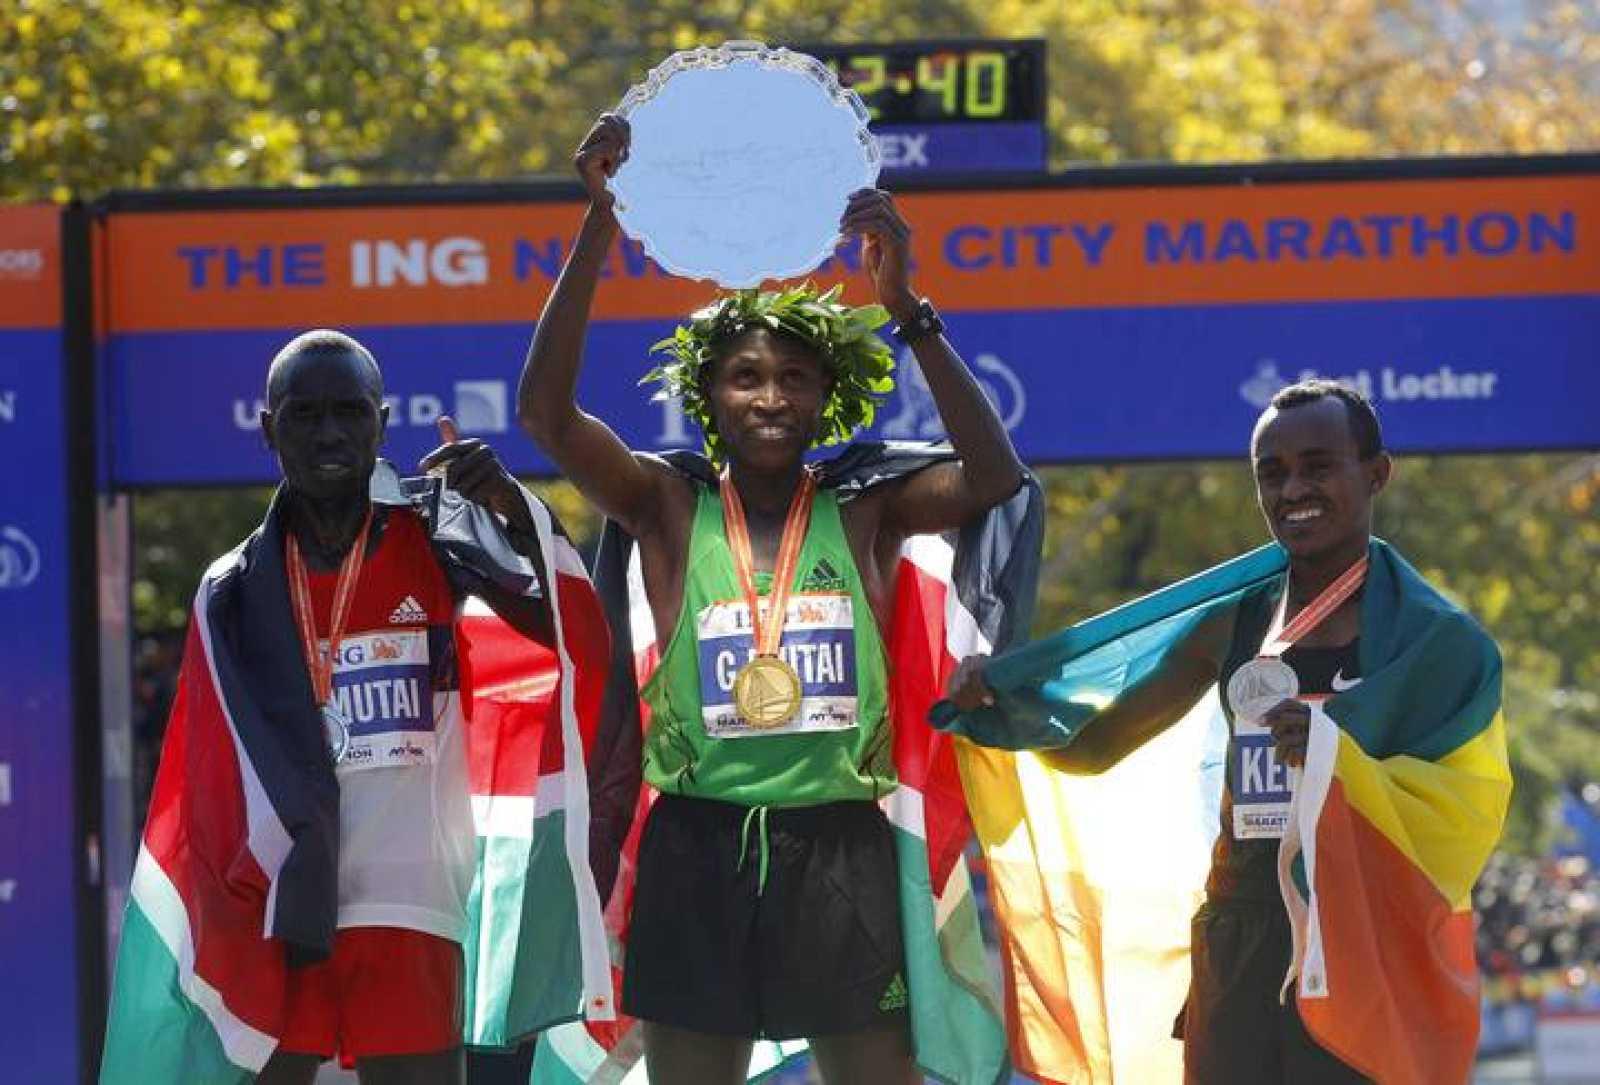 Mutai of Kenya raises the winner's trophy after winning the 2011 New York City Marathon in New York